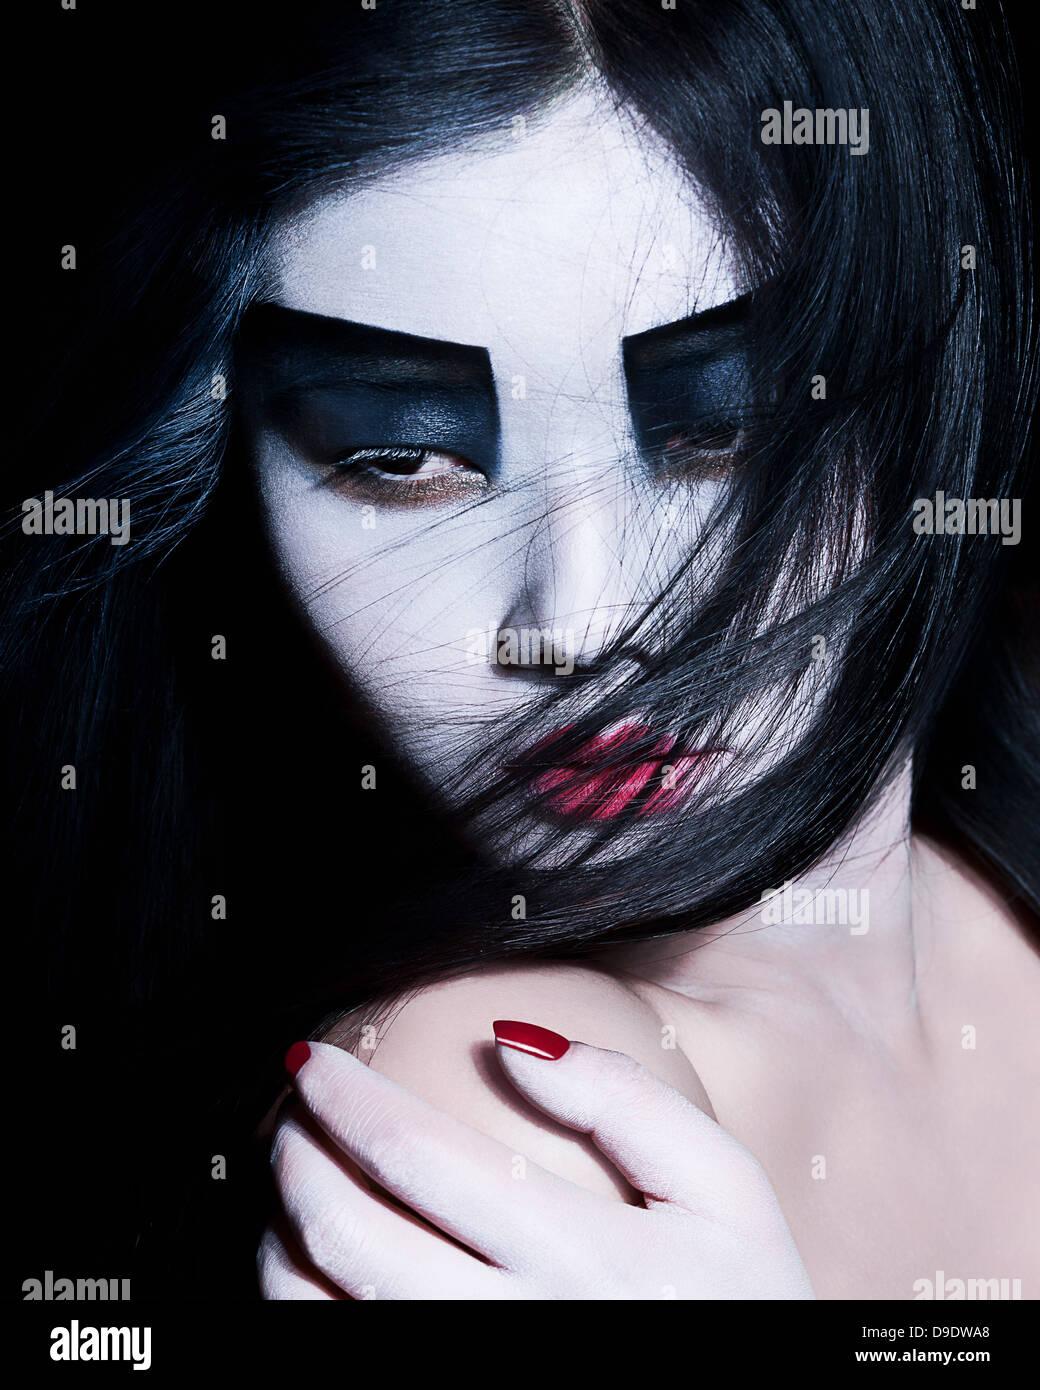 Giovane donna con drammatica Specchio, nero ombretto Immagini Stock